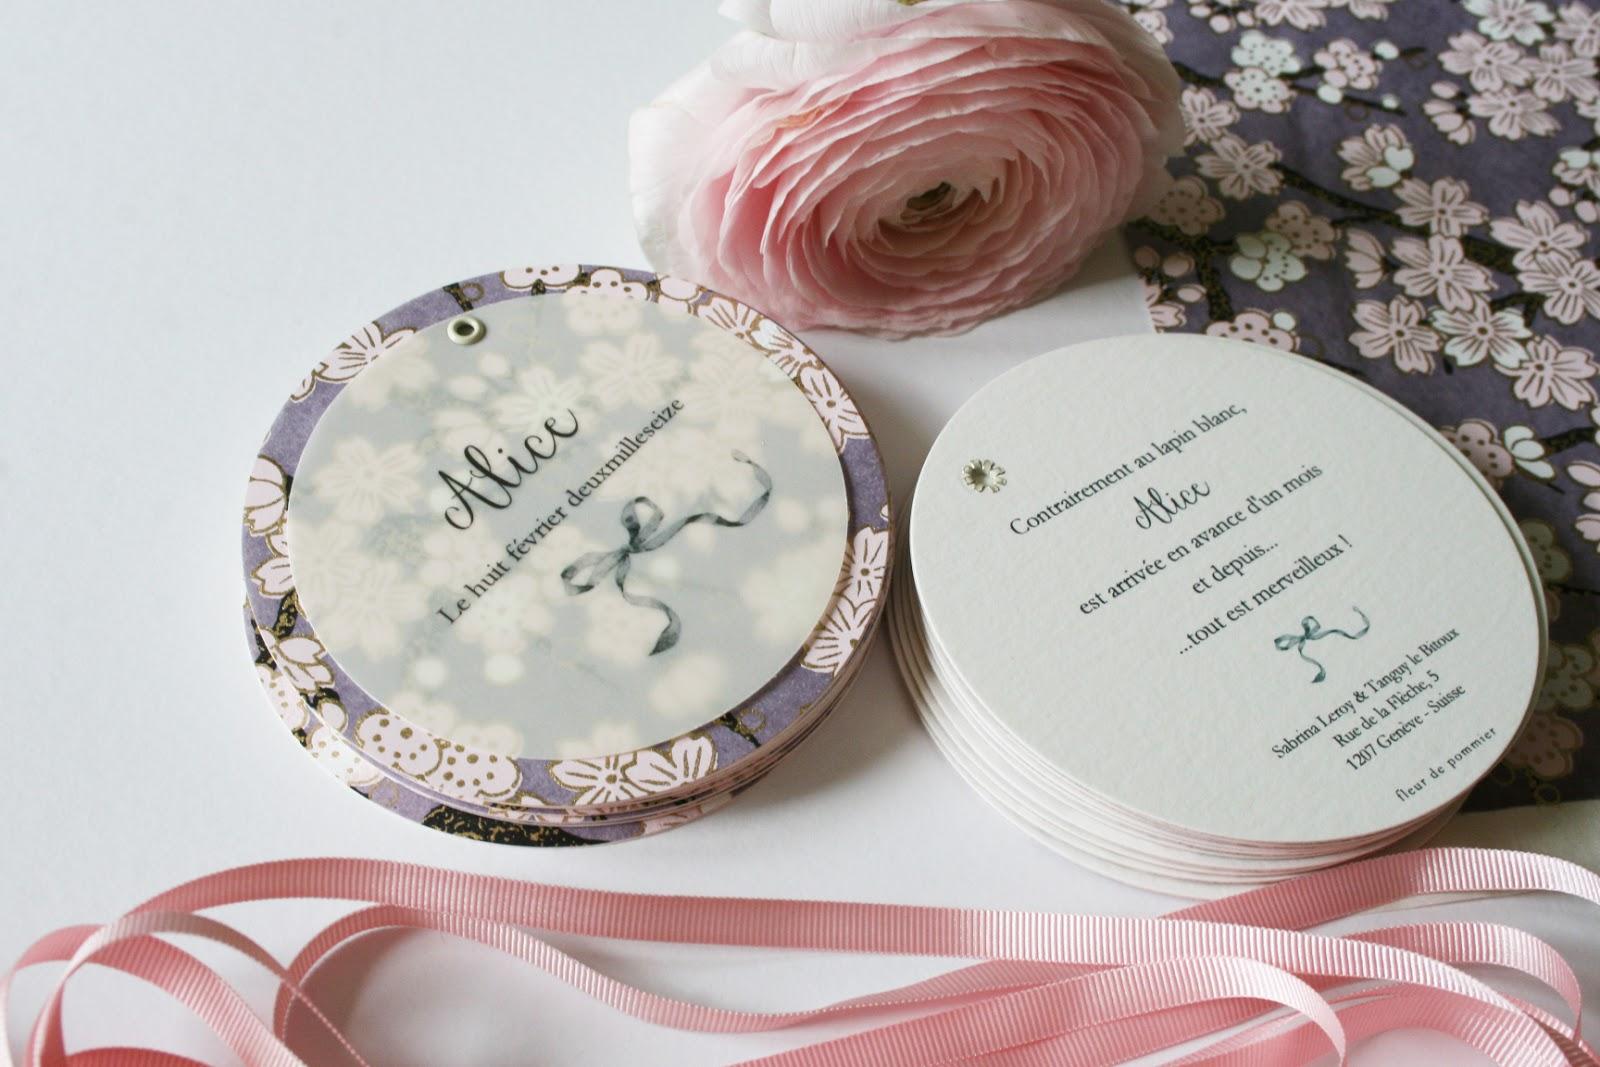 fleur de pommier dans son atelier faire part de naissance romantique et merveilleux pour alice. Black Bedroom Furniture Sets. Home Design Ideas